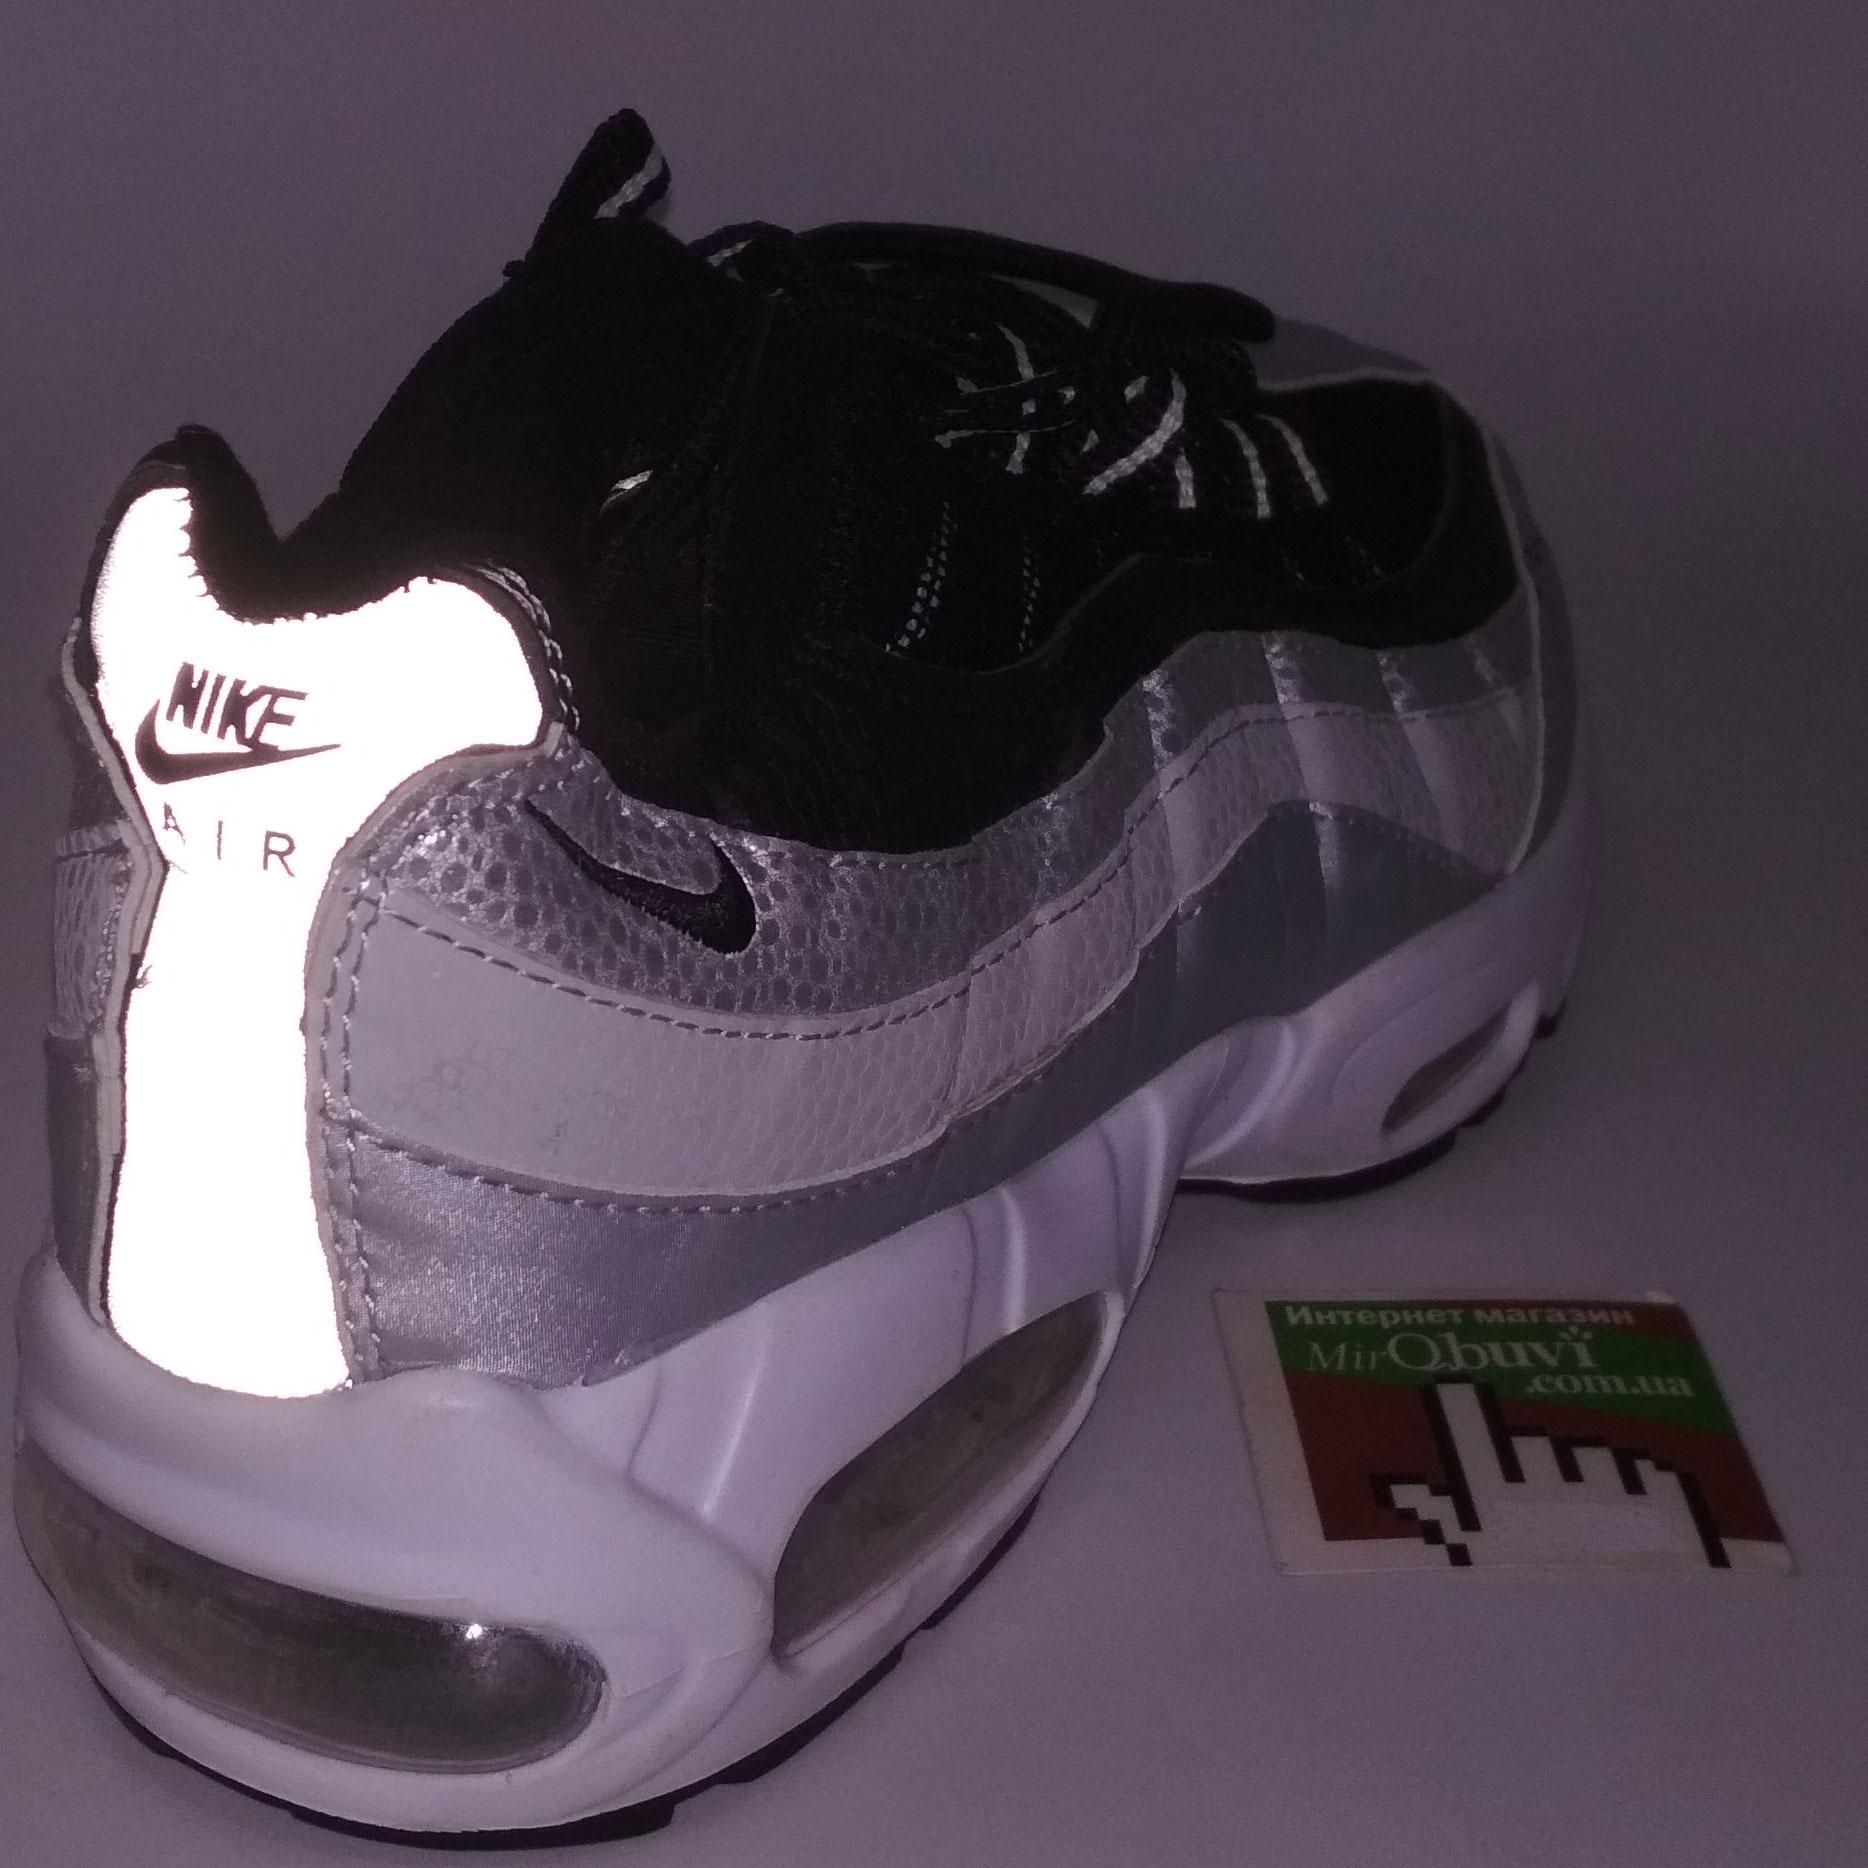 большое фото №6 Мужские кроссовки Nike air max 95 металлик. ТОП КАЧЕСТВО!!!